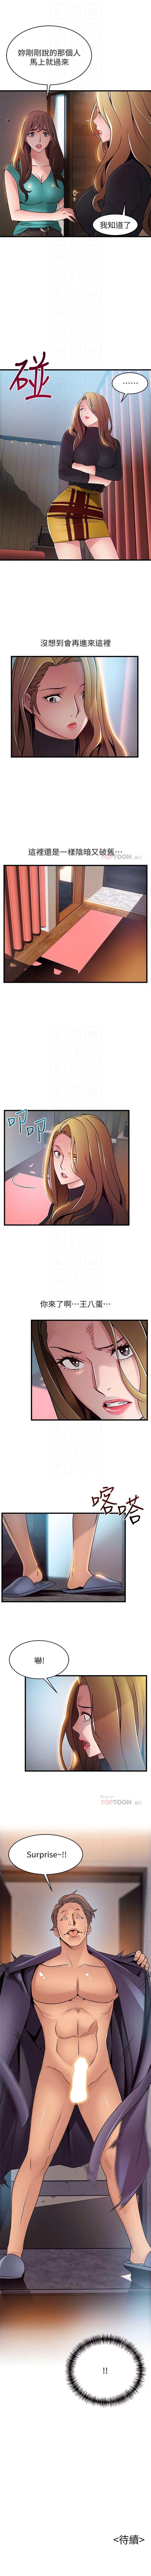 弱点 1-64 中文翻译(更新中) 346